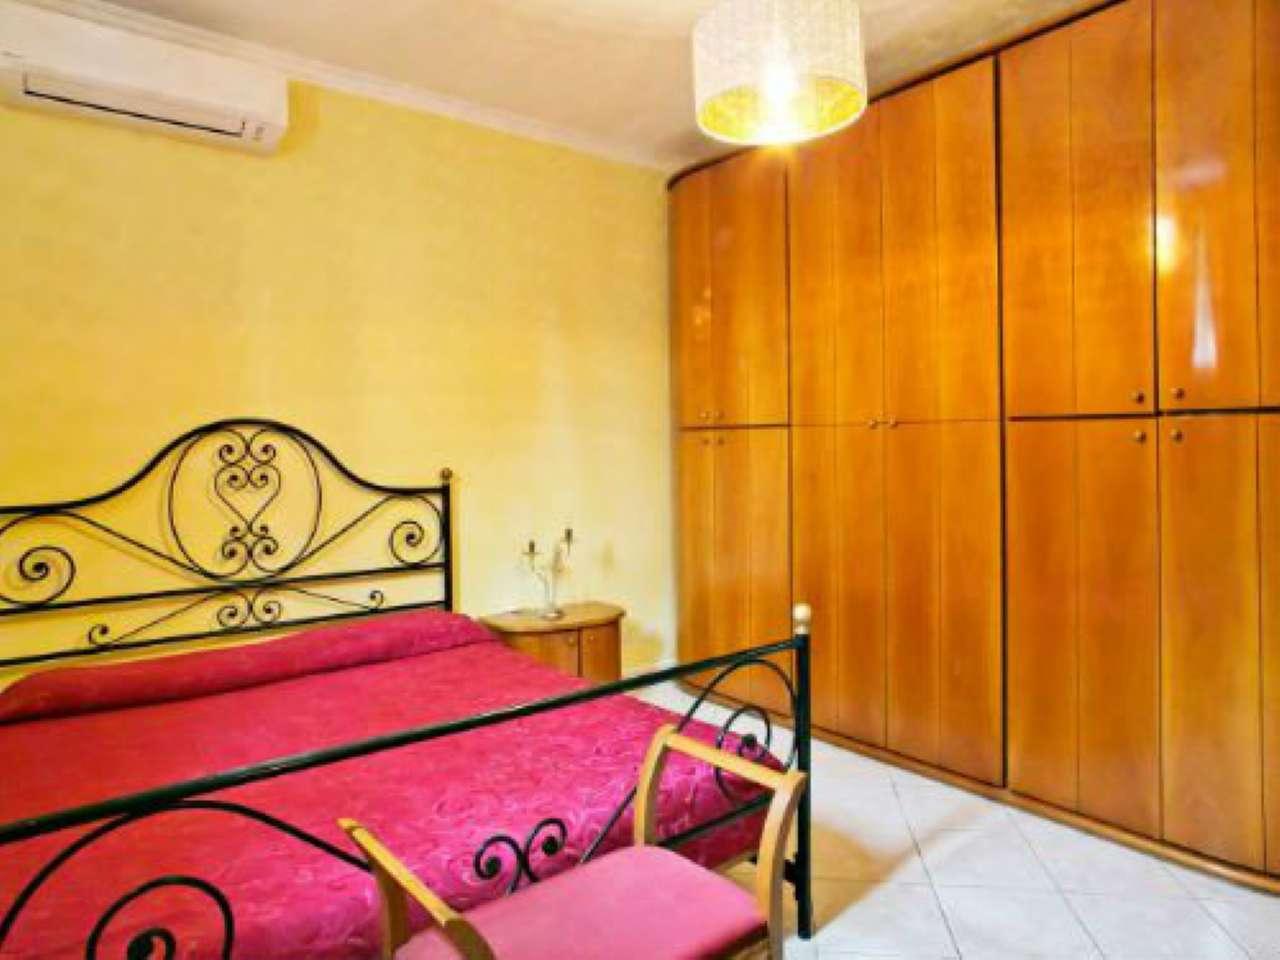 Appartamento in vendita a Roma, 1 locali, zona Zona: 11 . Centocelle, Alessandrino, Collatino, Prenestina, Villa Giordani, prezzo € 89.000 | CambioCasa.it